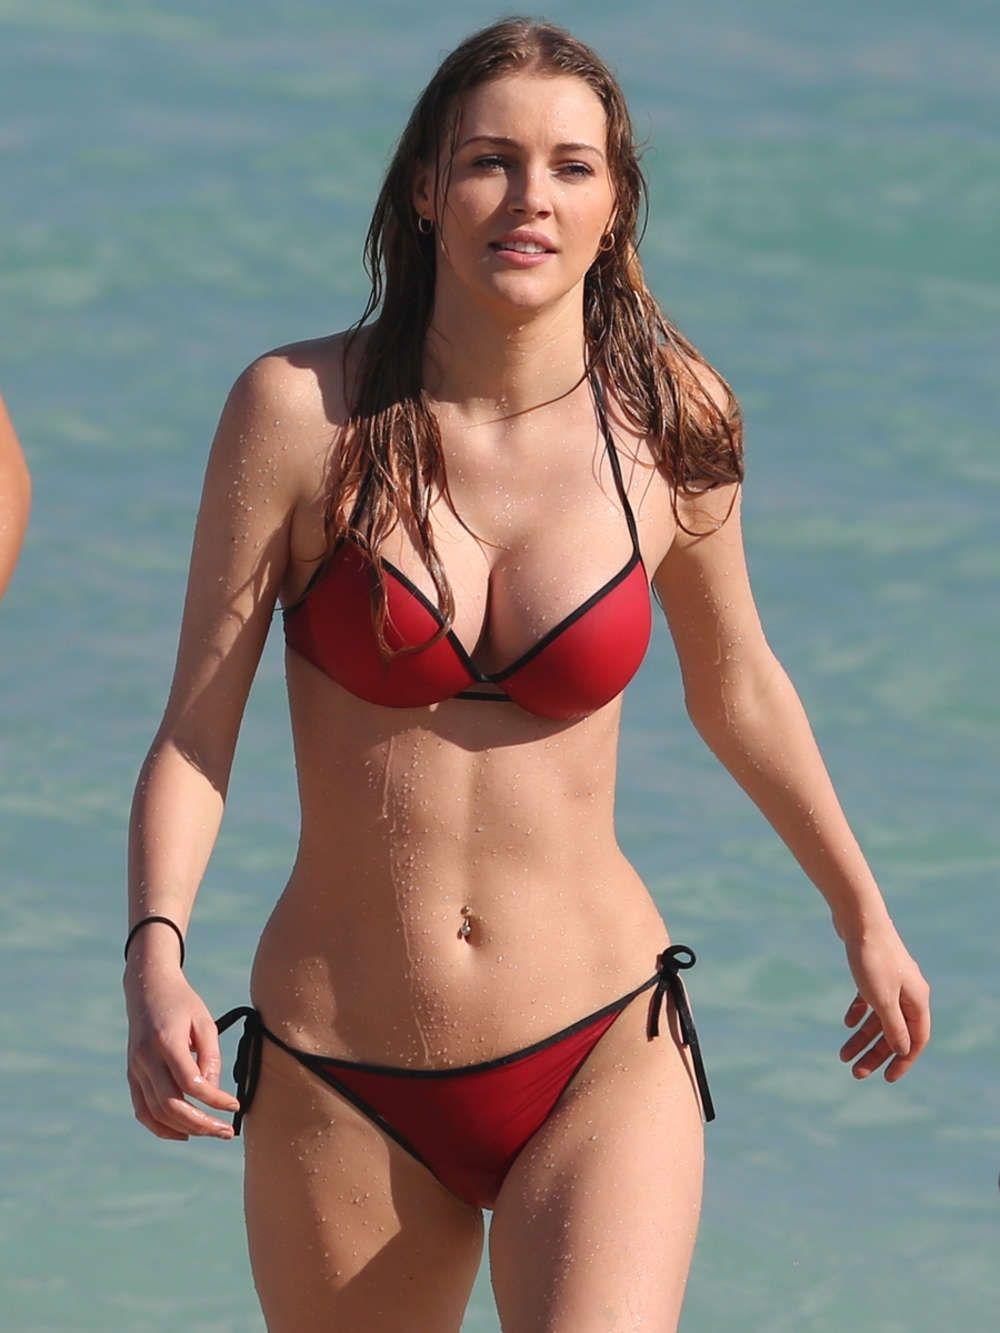 Perfect bikini wome